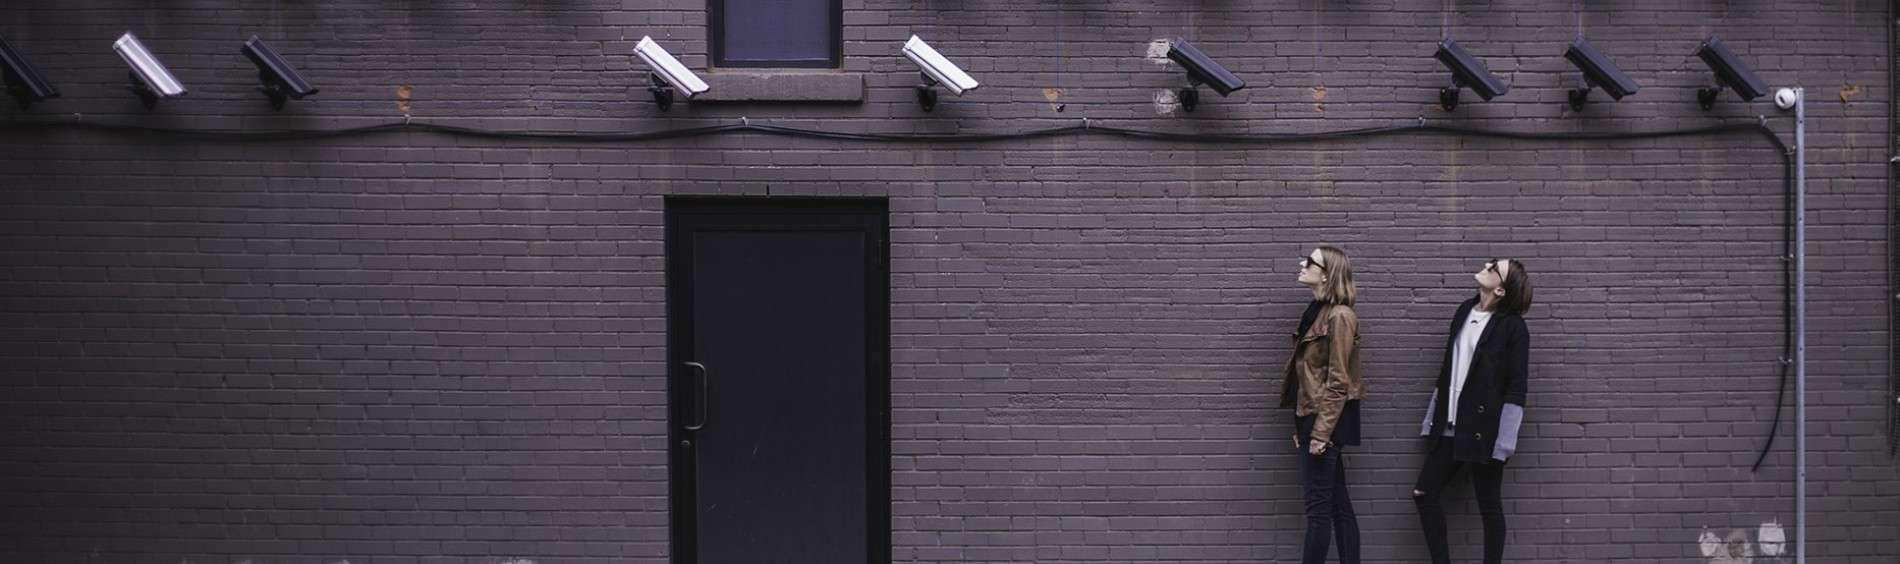 Autorisation pour exploiter une entreprise pour systèmes caméras